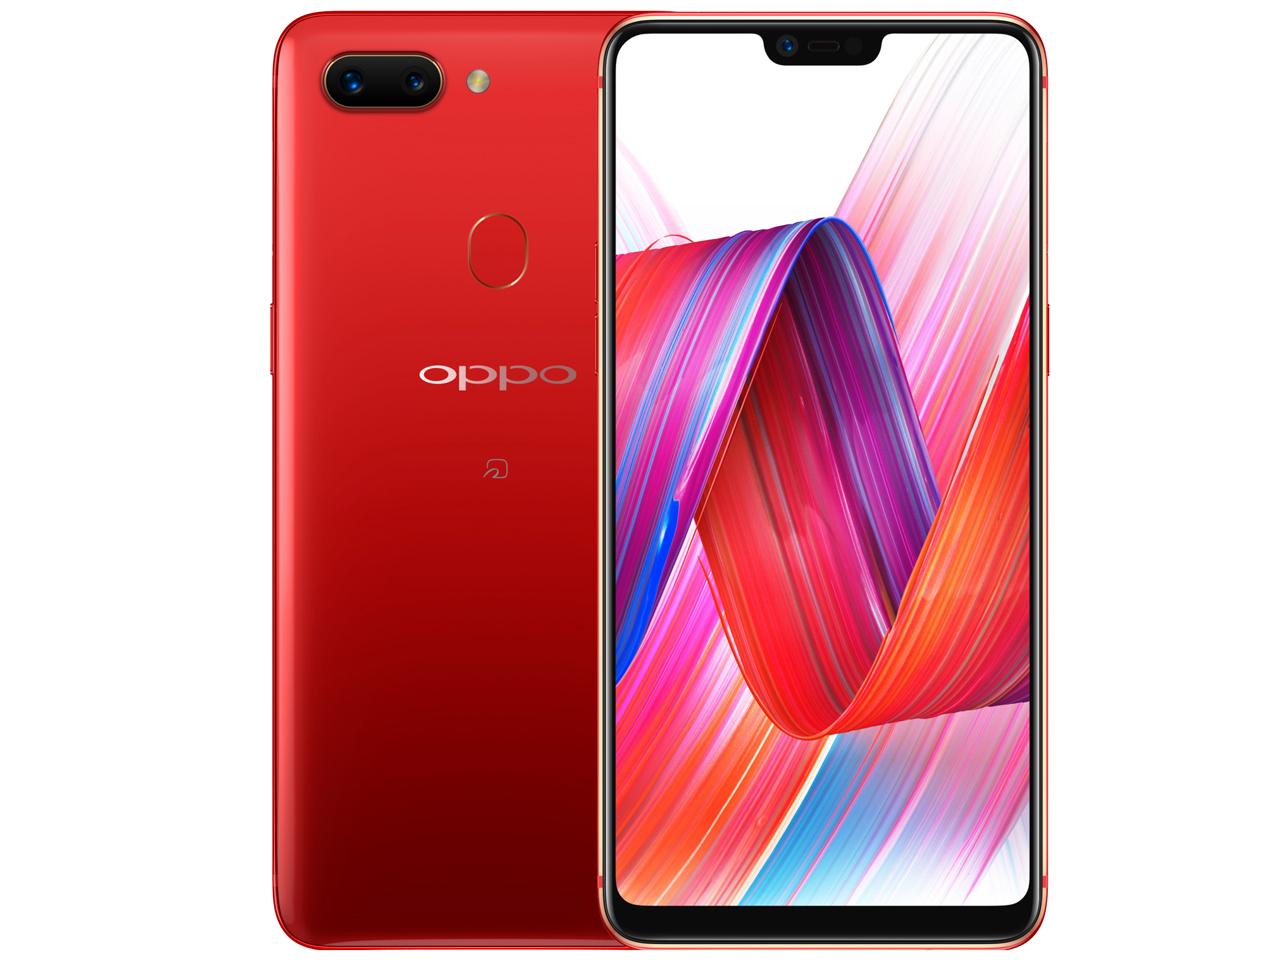 OPPO R15 Pro SIMフリー [レッド] の製品画像